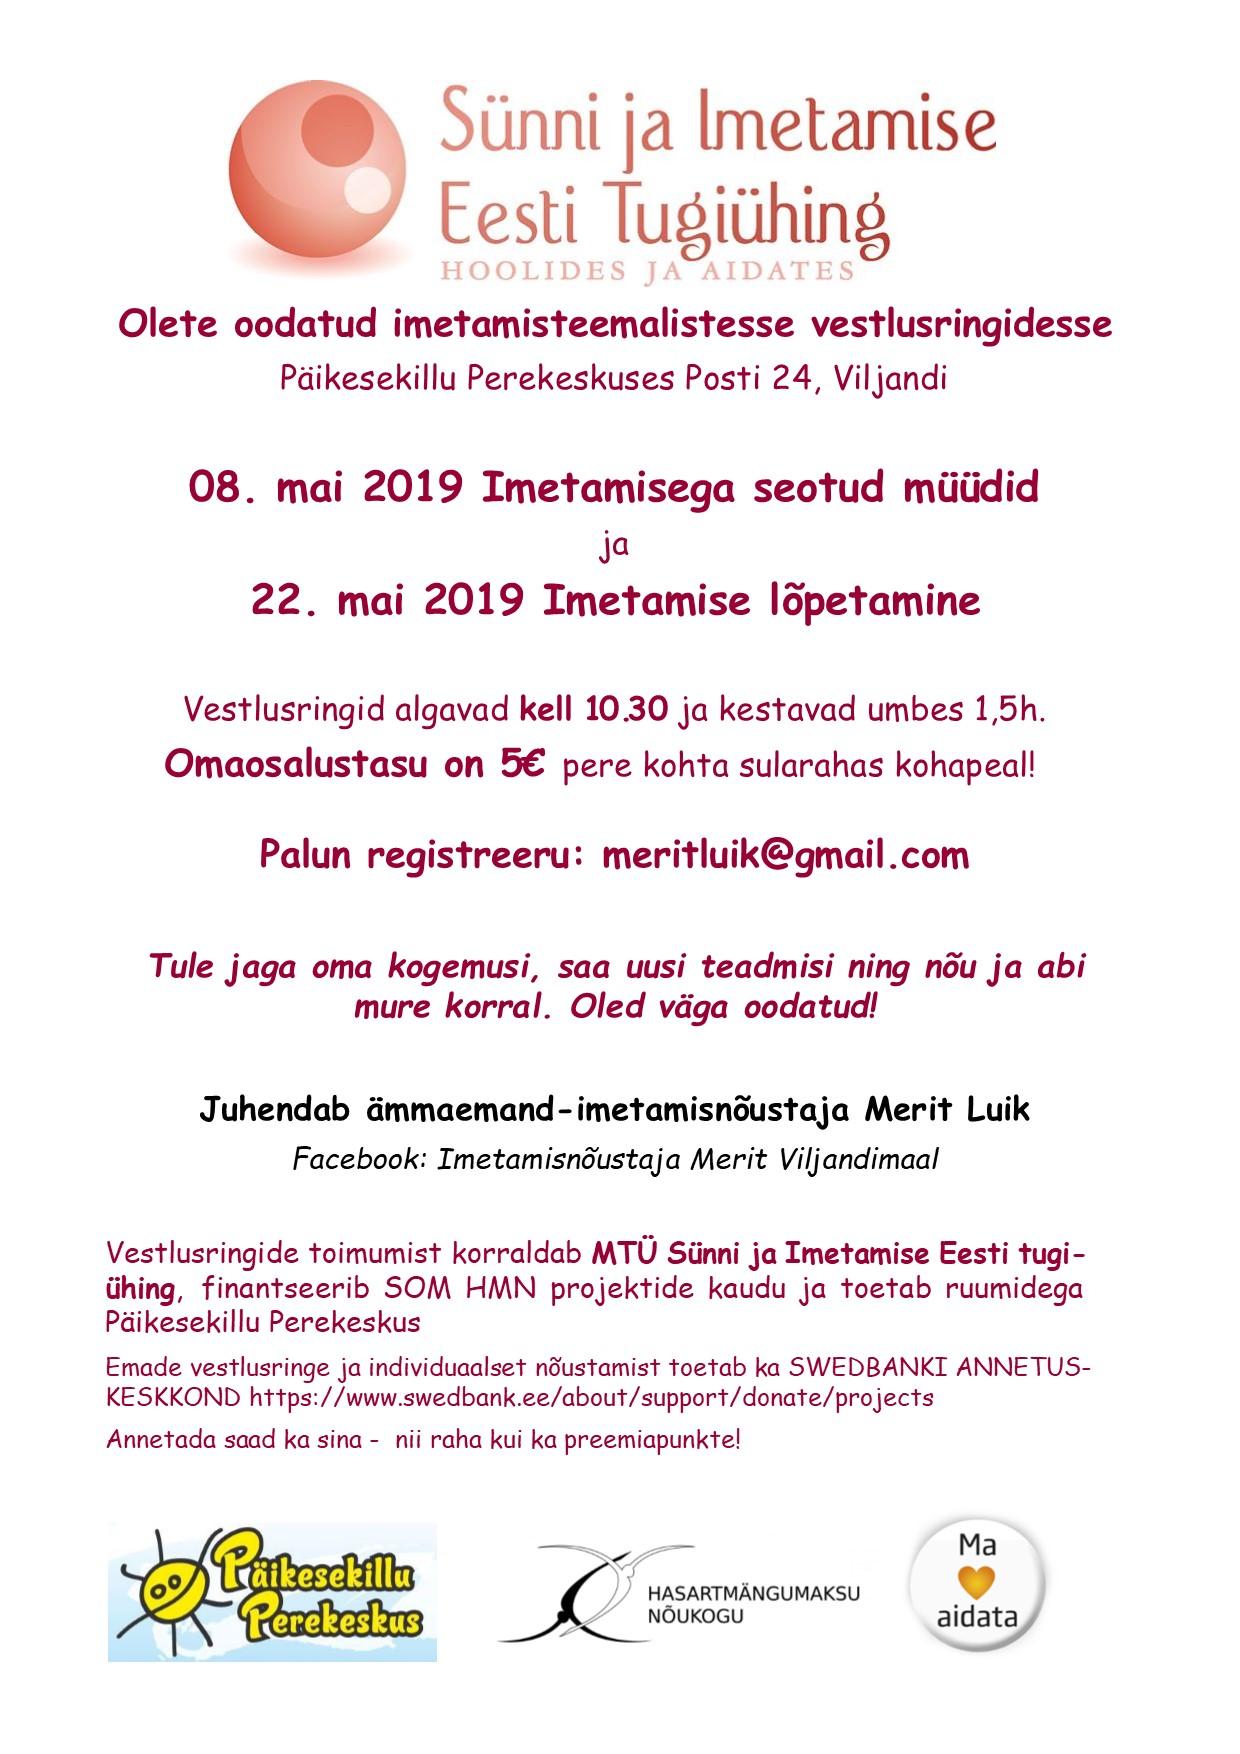 22.mai 2019 vestlusring Viljandis: Imetamise lõpetamine